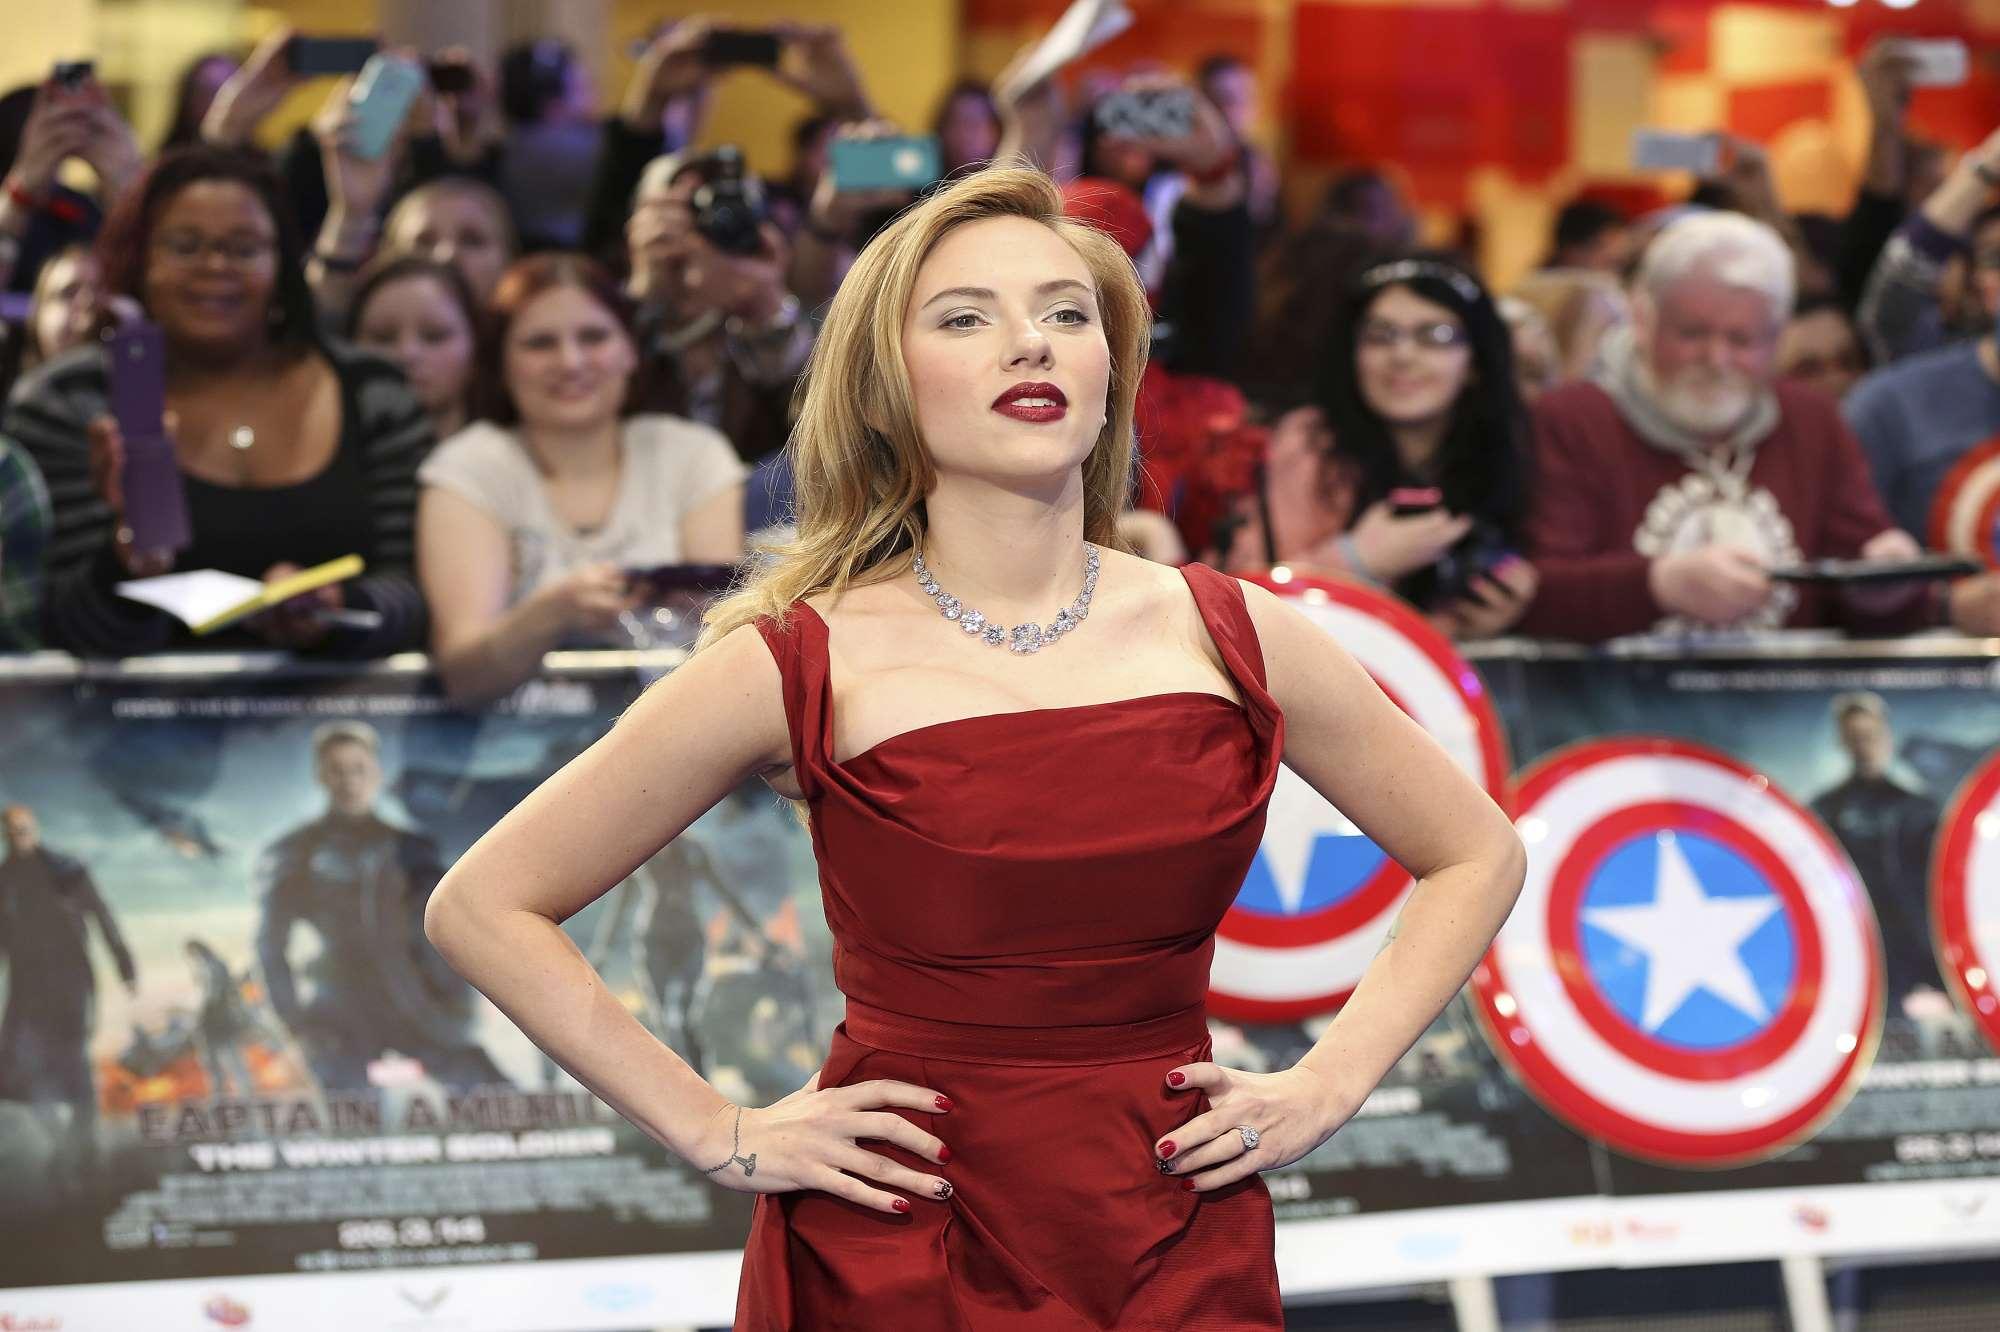 Heureux v nement scarlett johansson son bonheur s 39 appelle rose - Scarlett prenom ...